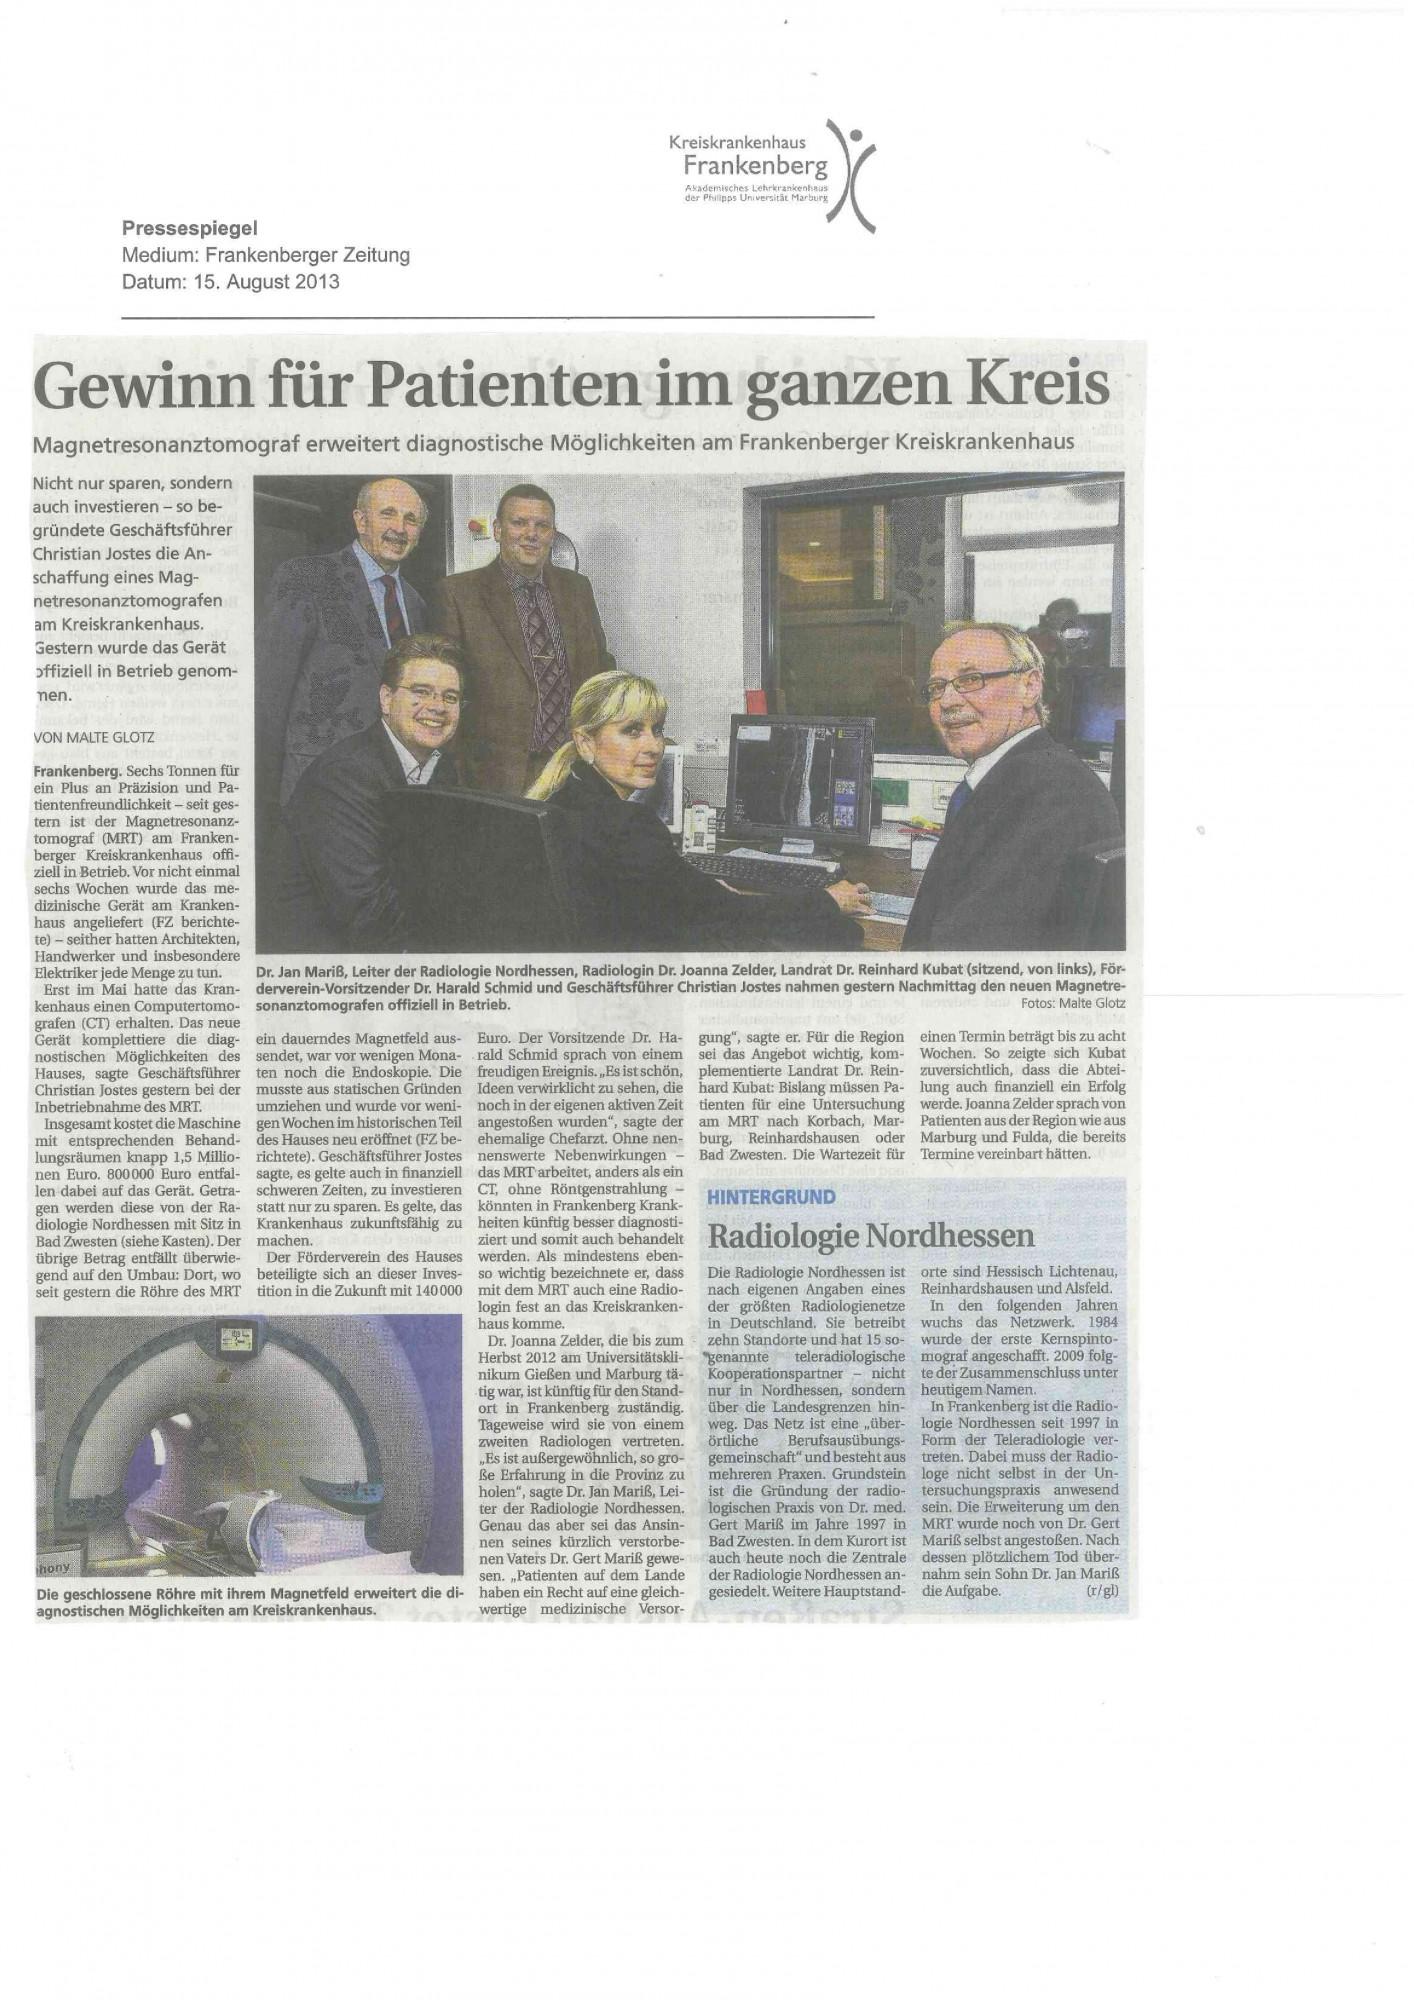 2013_08_15 Gewinn für Patienten im ganzen Landkreis_FZ-001